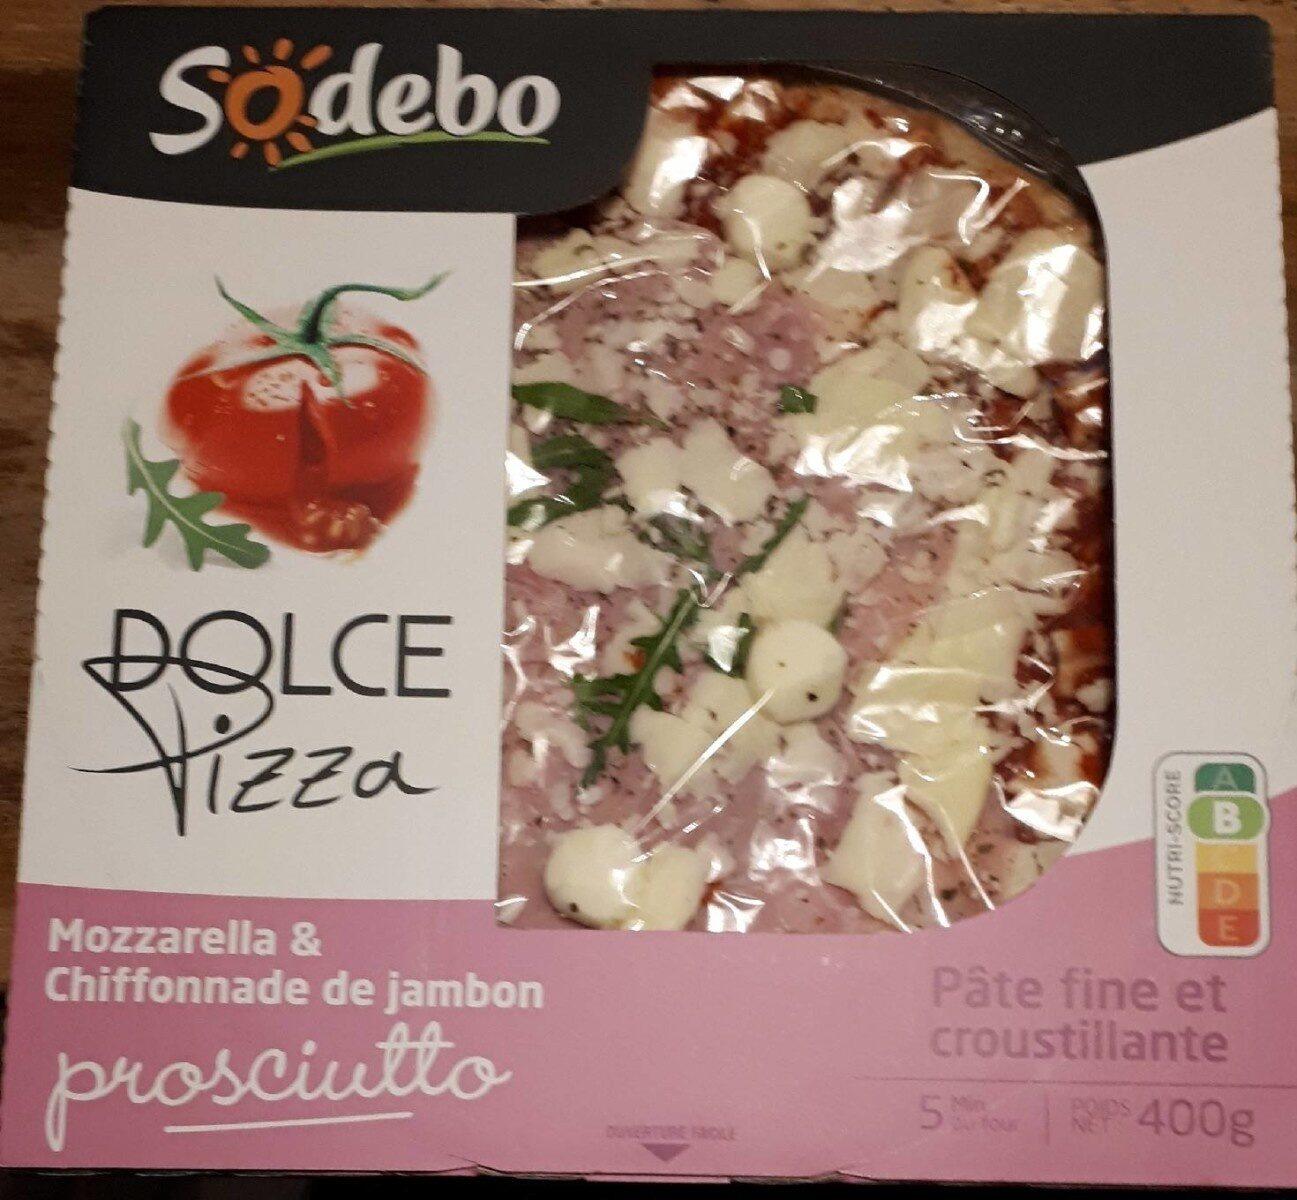 Dolce pizza - Prosciutto - Producto